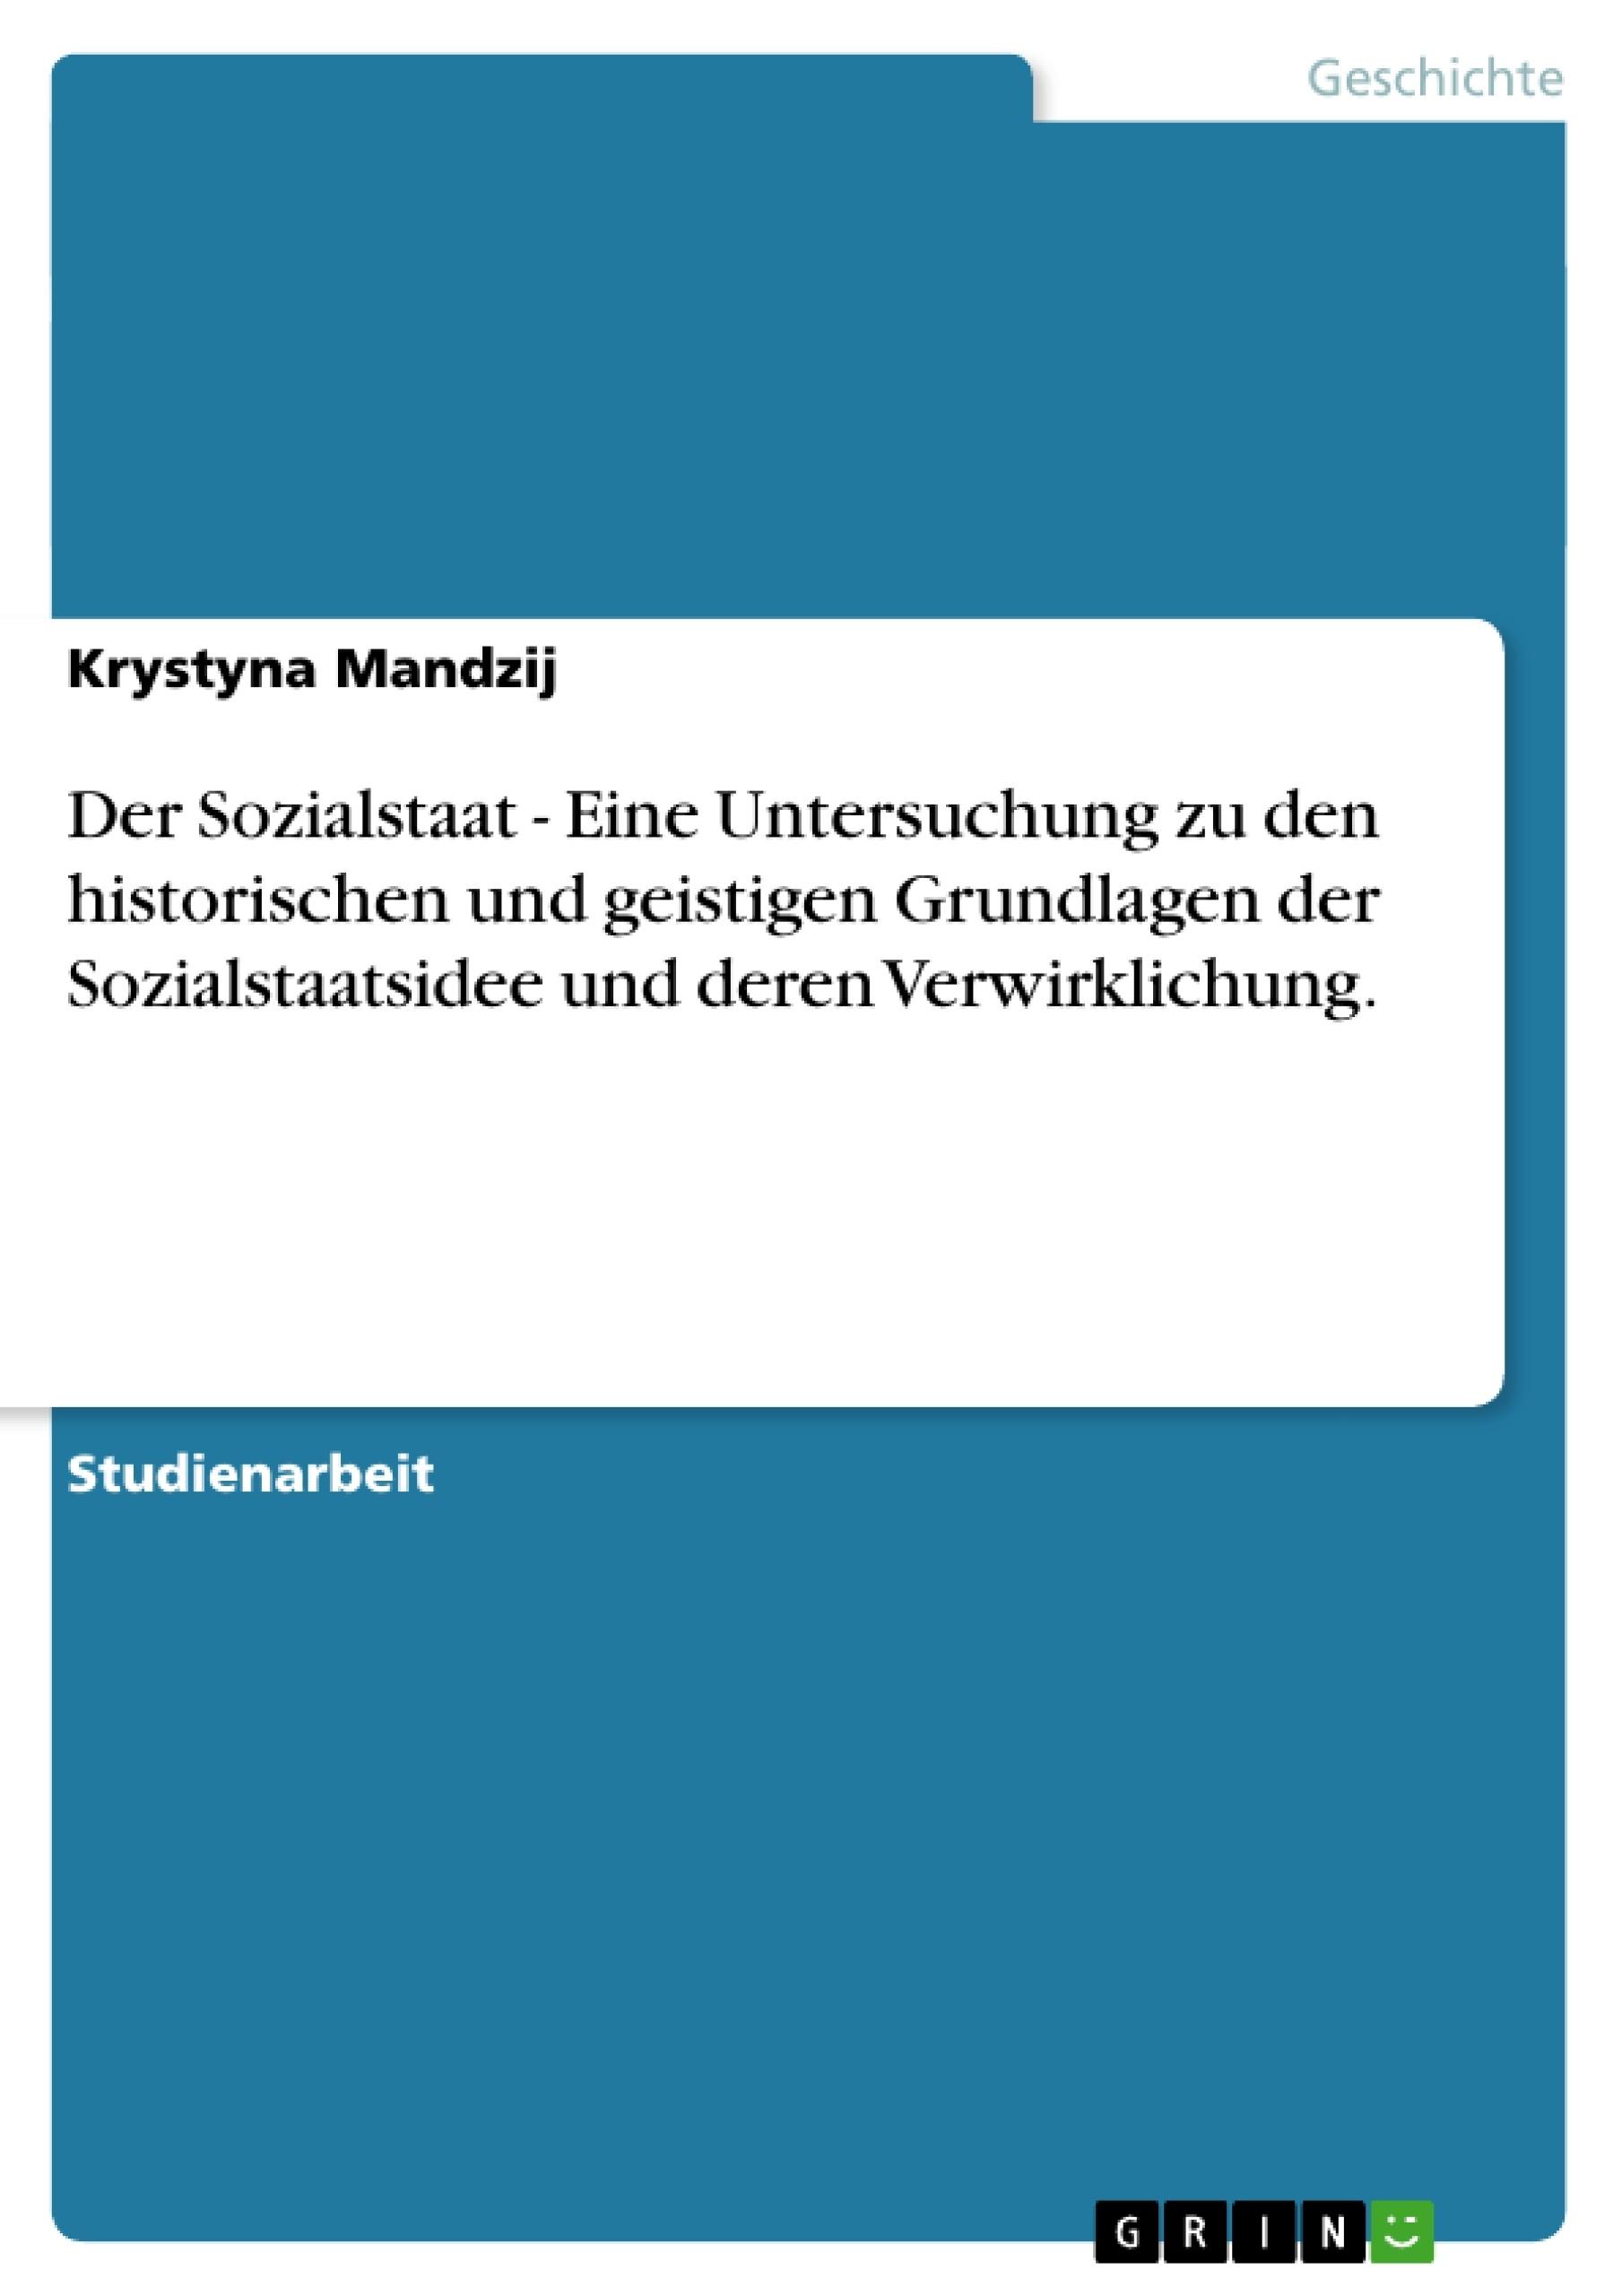 Titel: Der Sozialstaat - Eine Untersuchung zu den historischen und geistigen Grundlagen der Sozialstaatsidee und deren Verwirklichung.